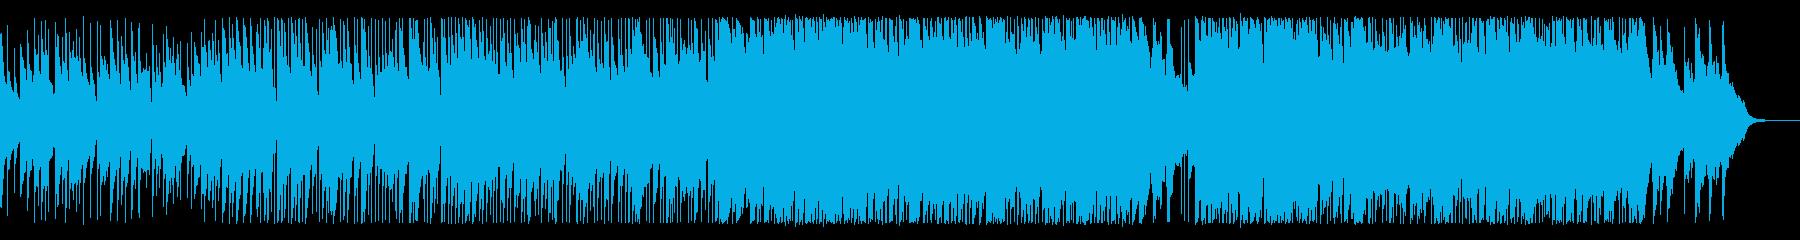 優しくて壮大なバラードインストの再生済みの波形